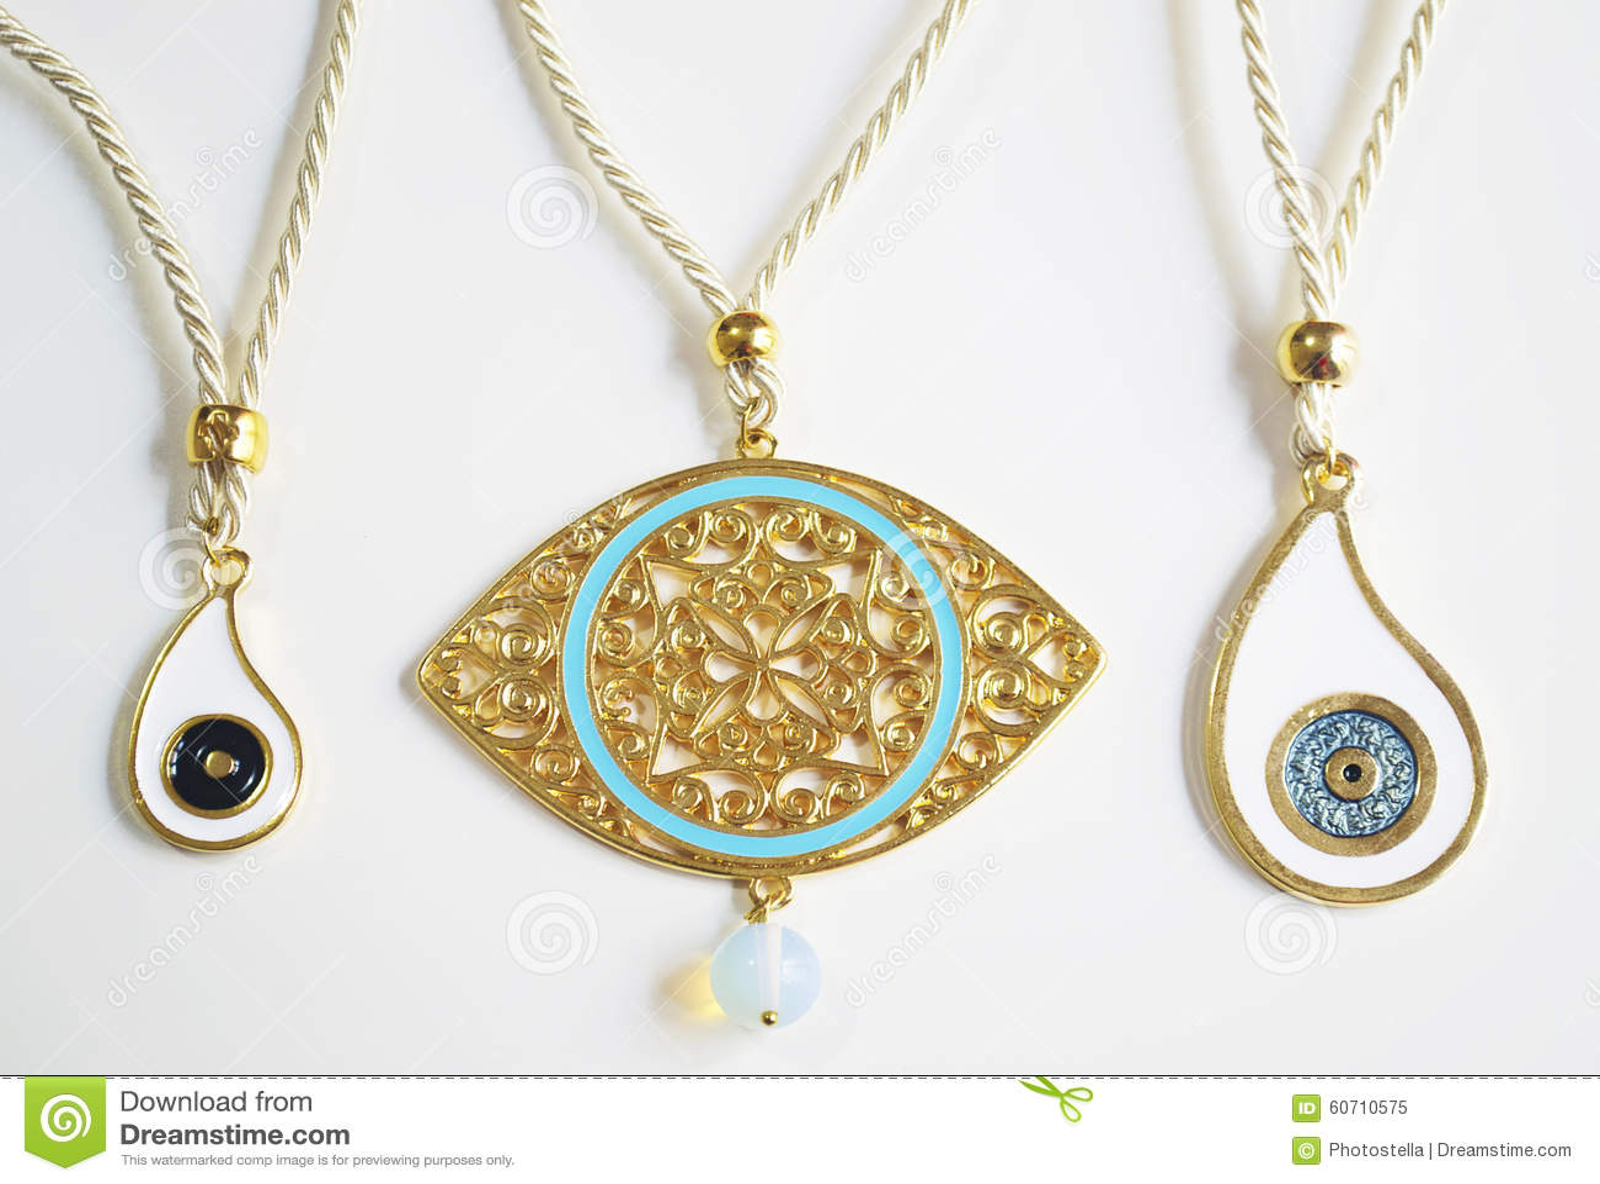 grekiskt öga smycke